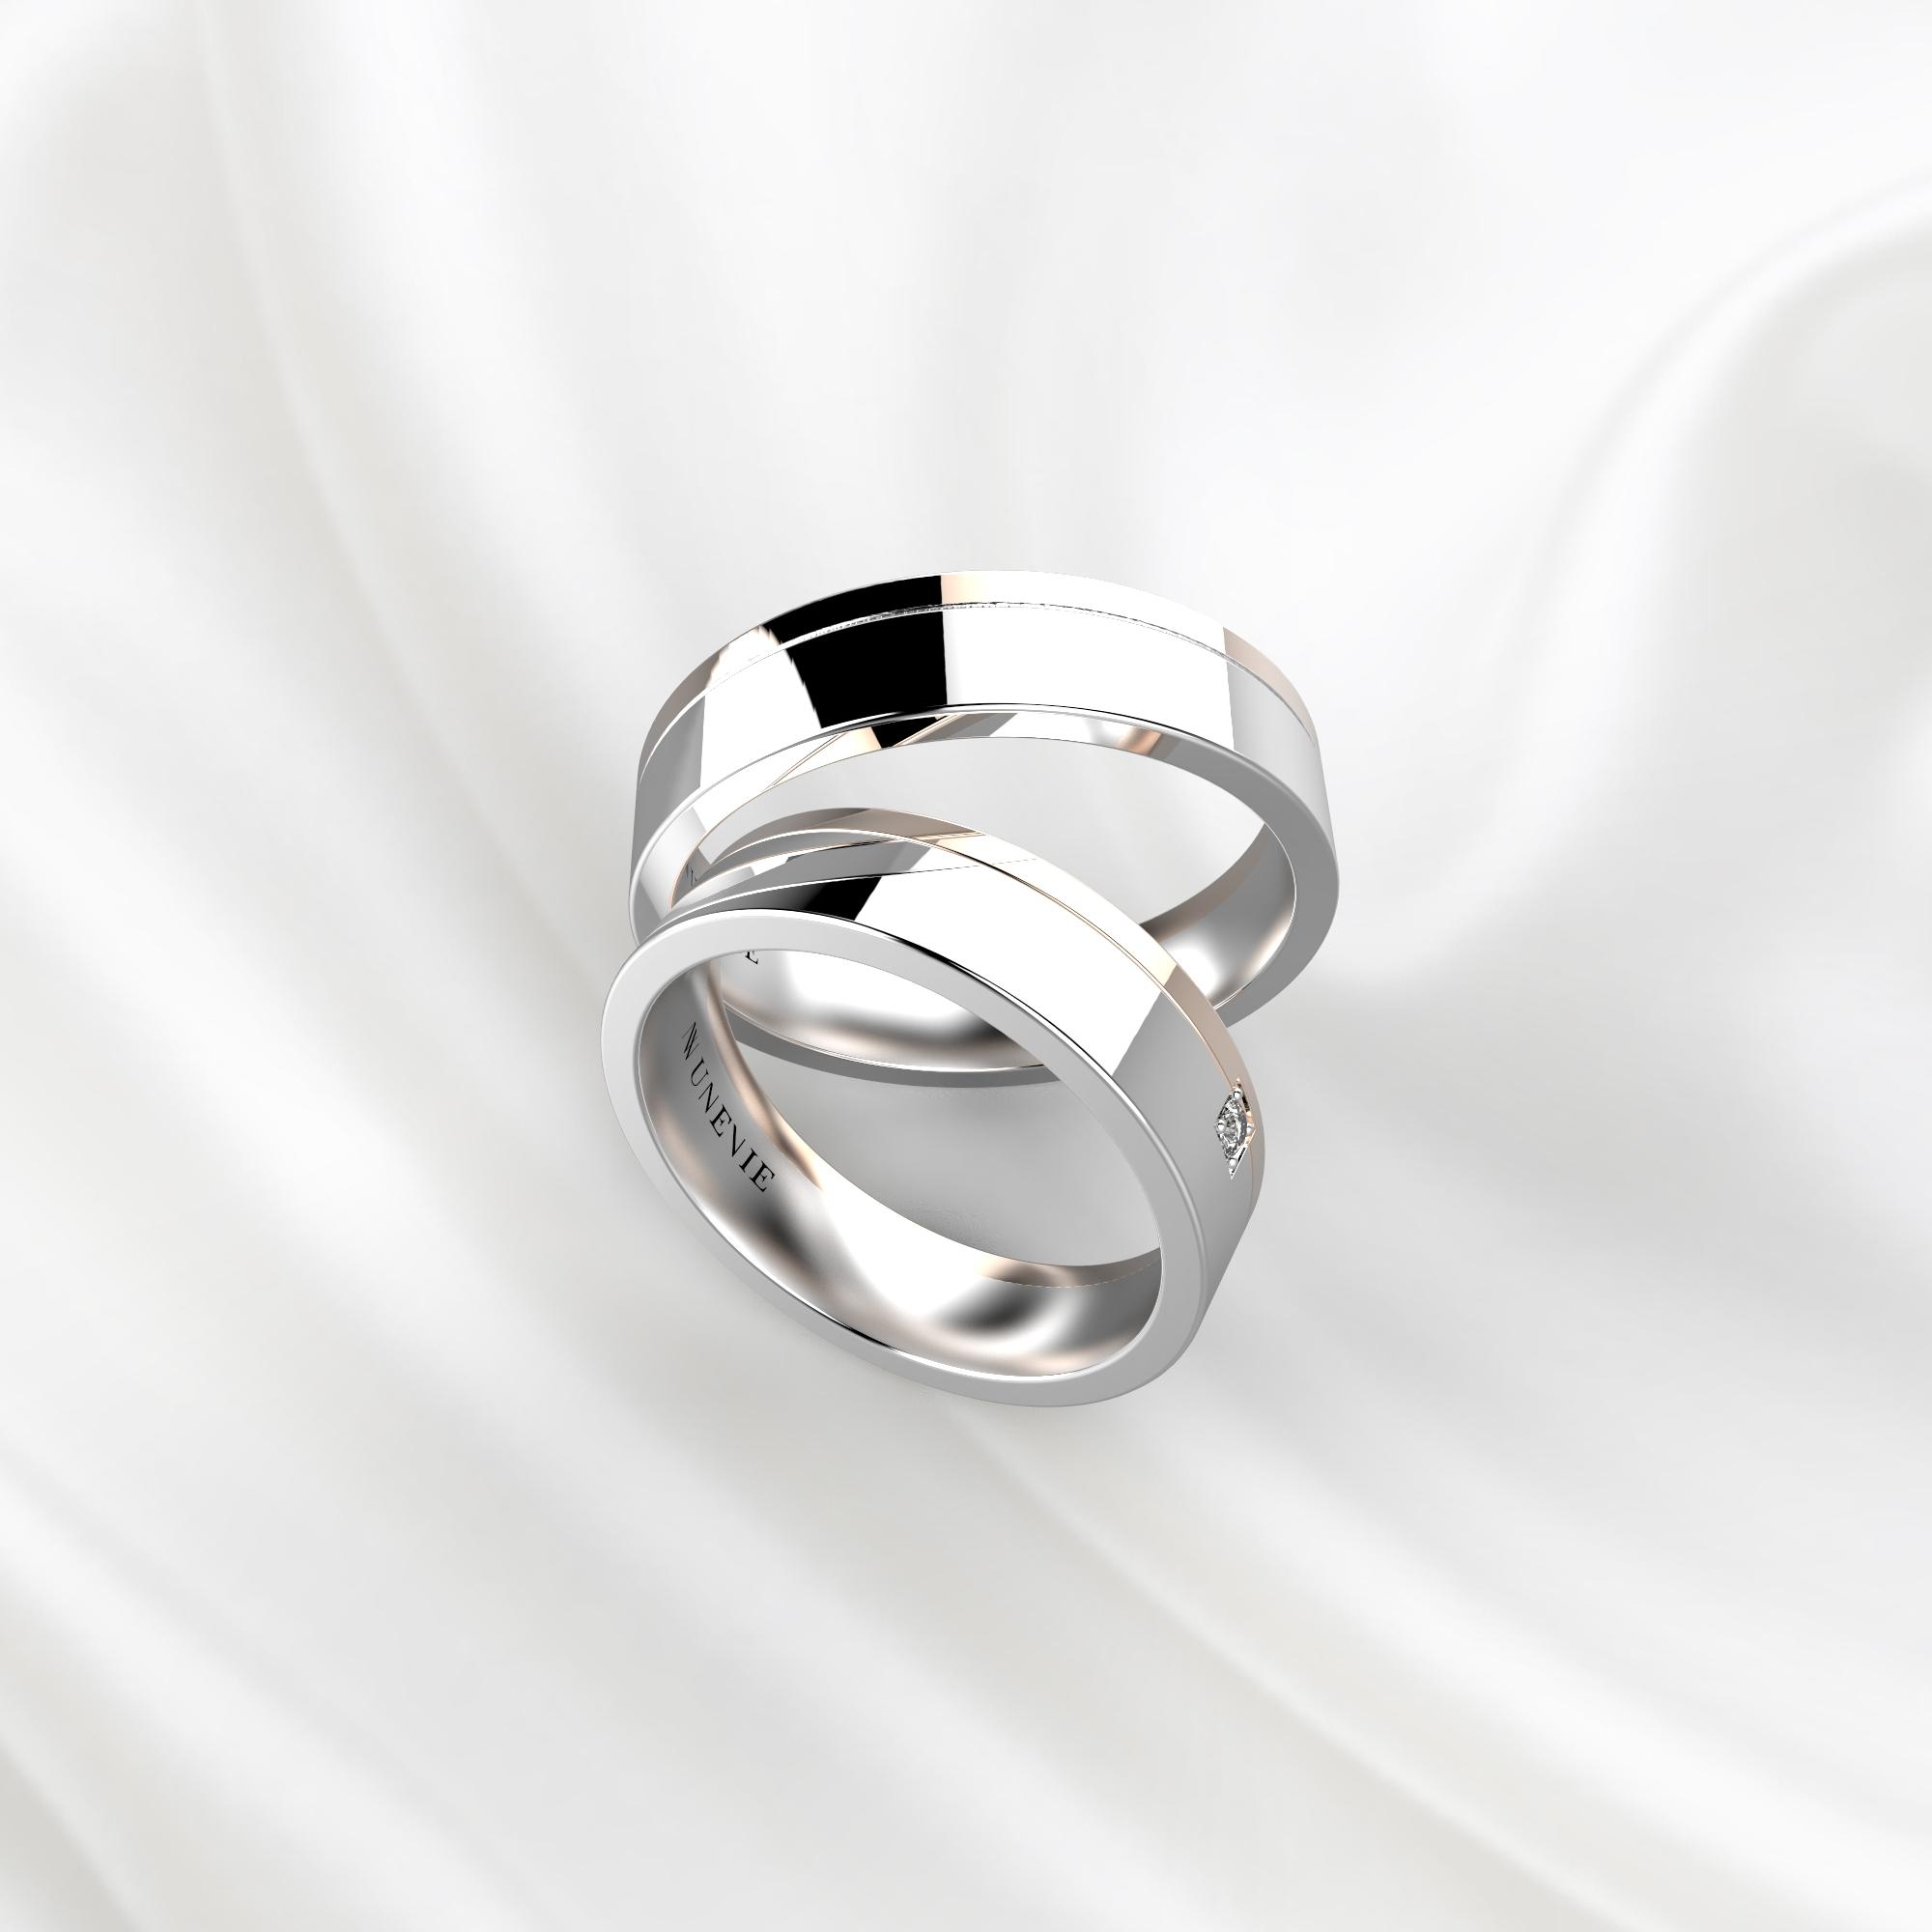 NV80 Парные обручальные кольца из бело-розового золота с бриллиантом